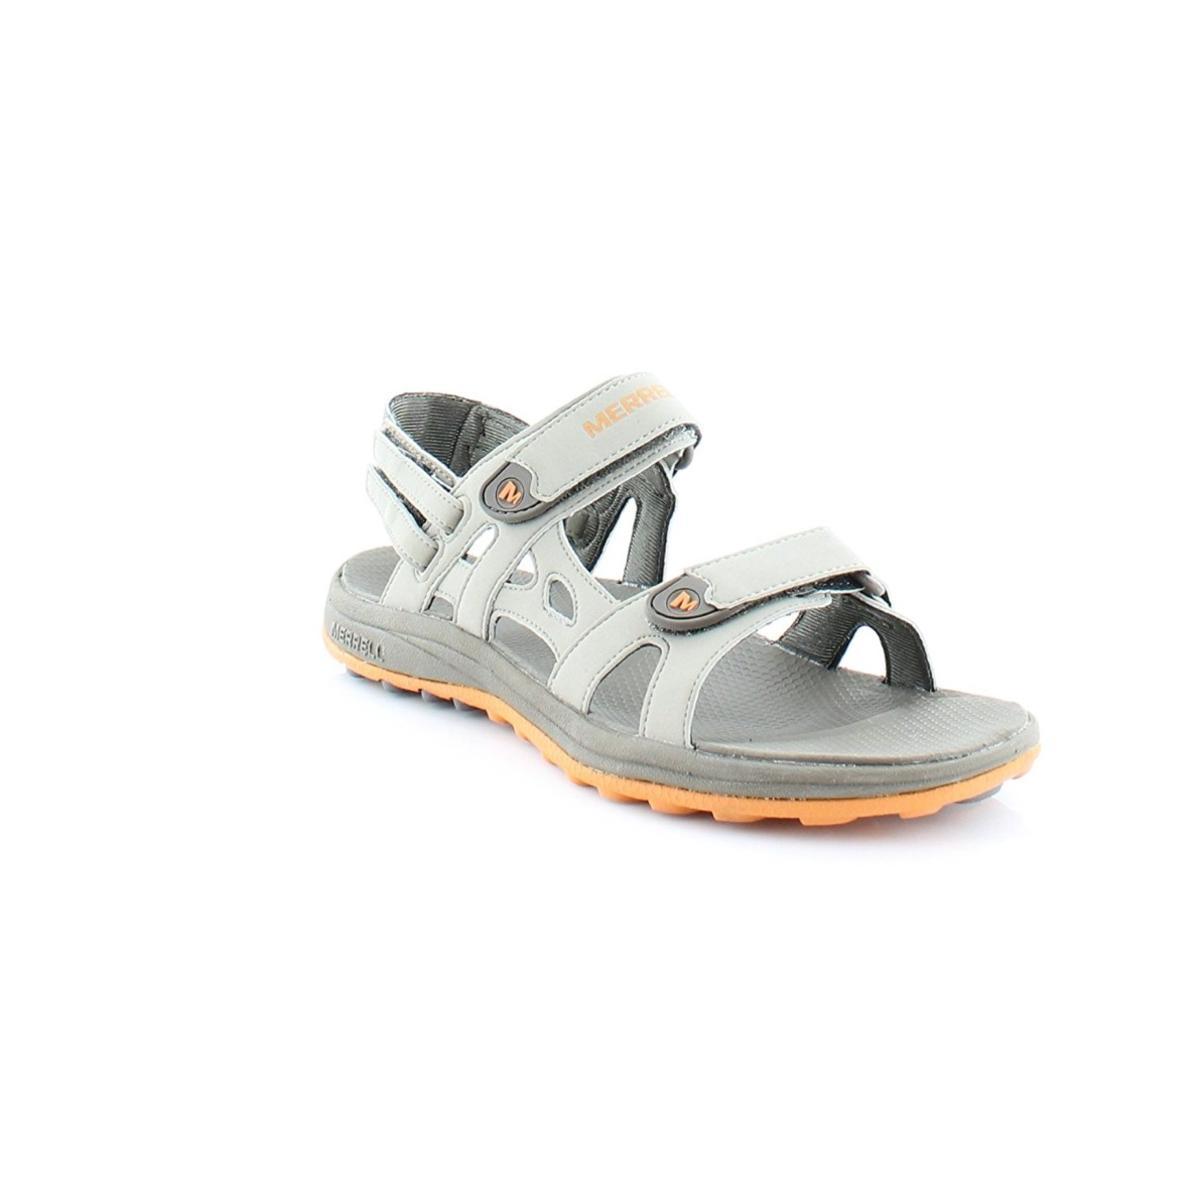 3b6e098f27cd Merrell Cedrus Convertible Mens Bungee Marmalad Sandals